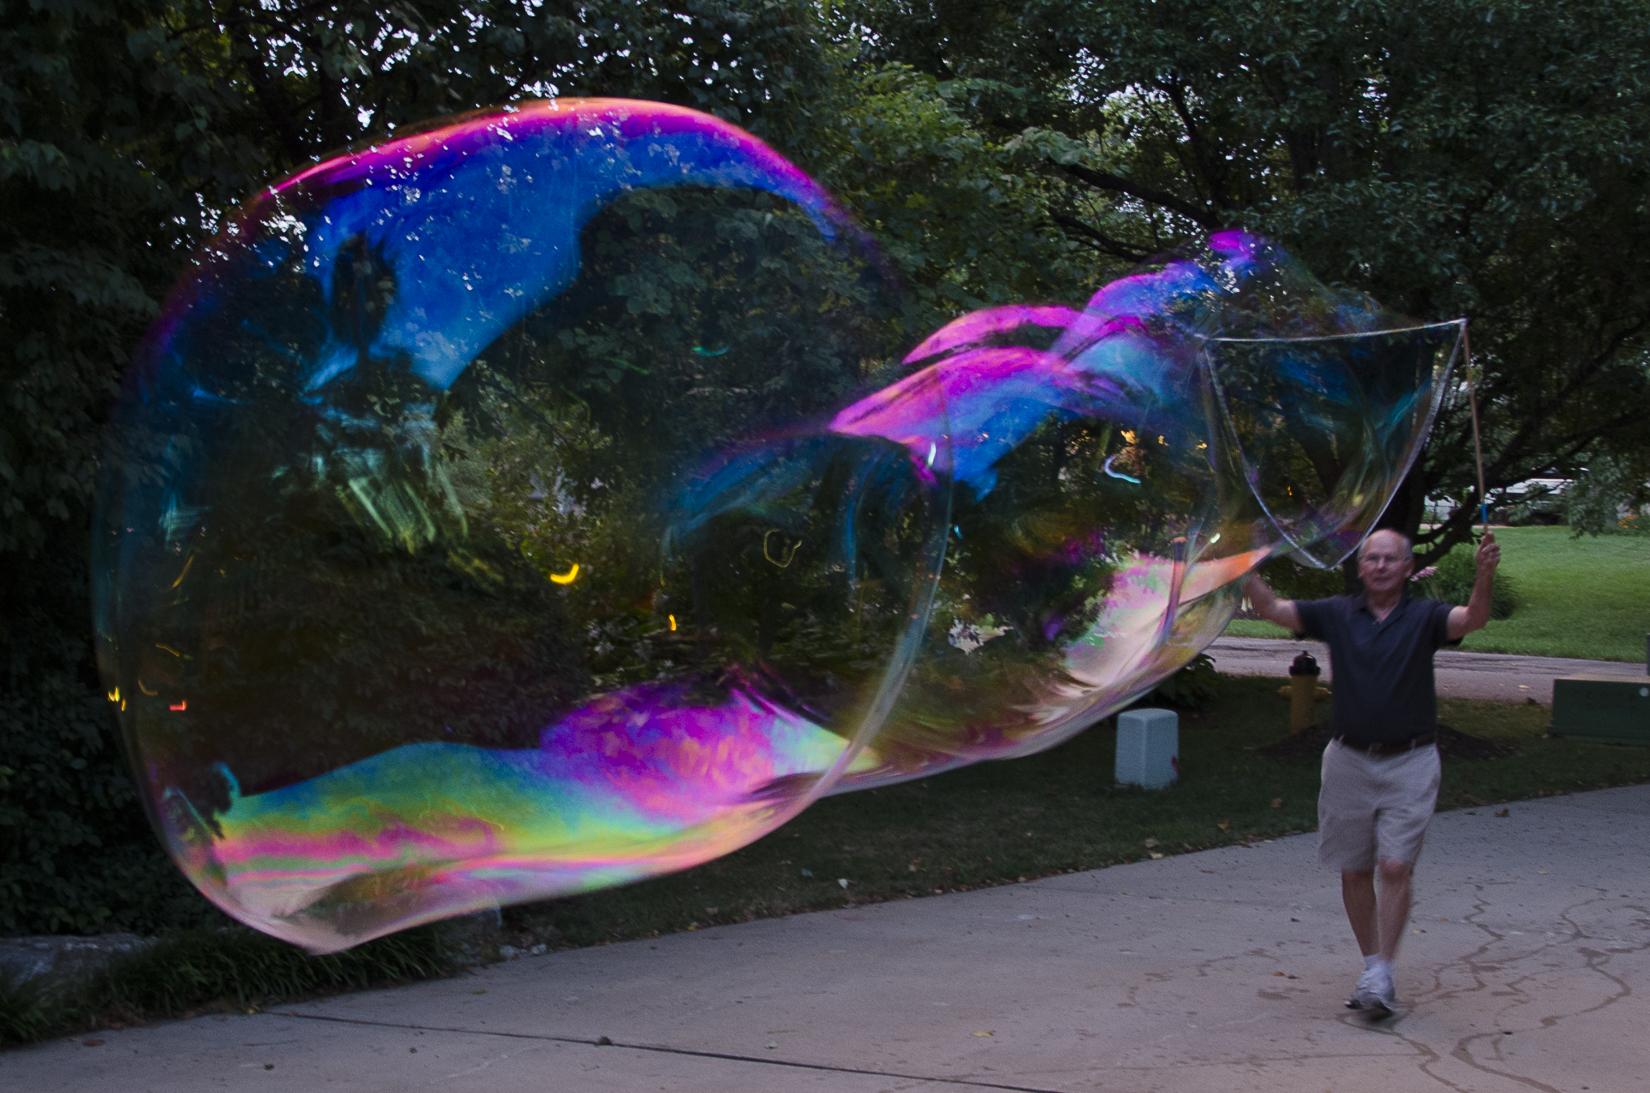 Driveway bubble